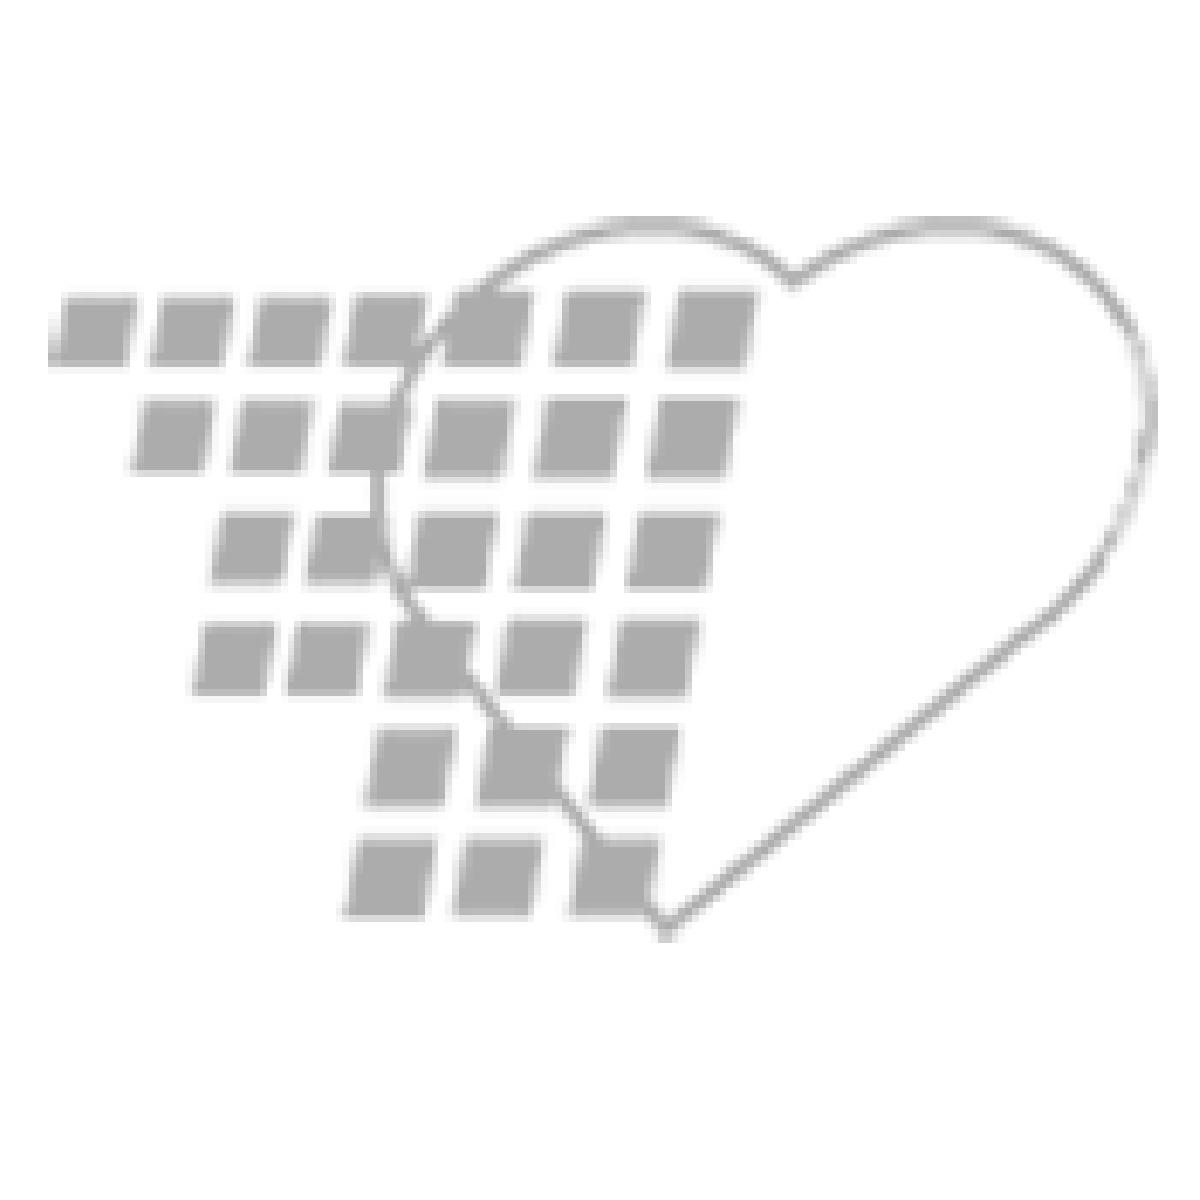 06-93-1432 - Demo Dose® Novolog 100 units/ 10mL